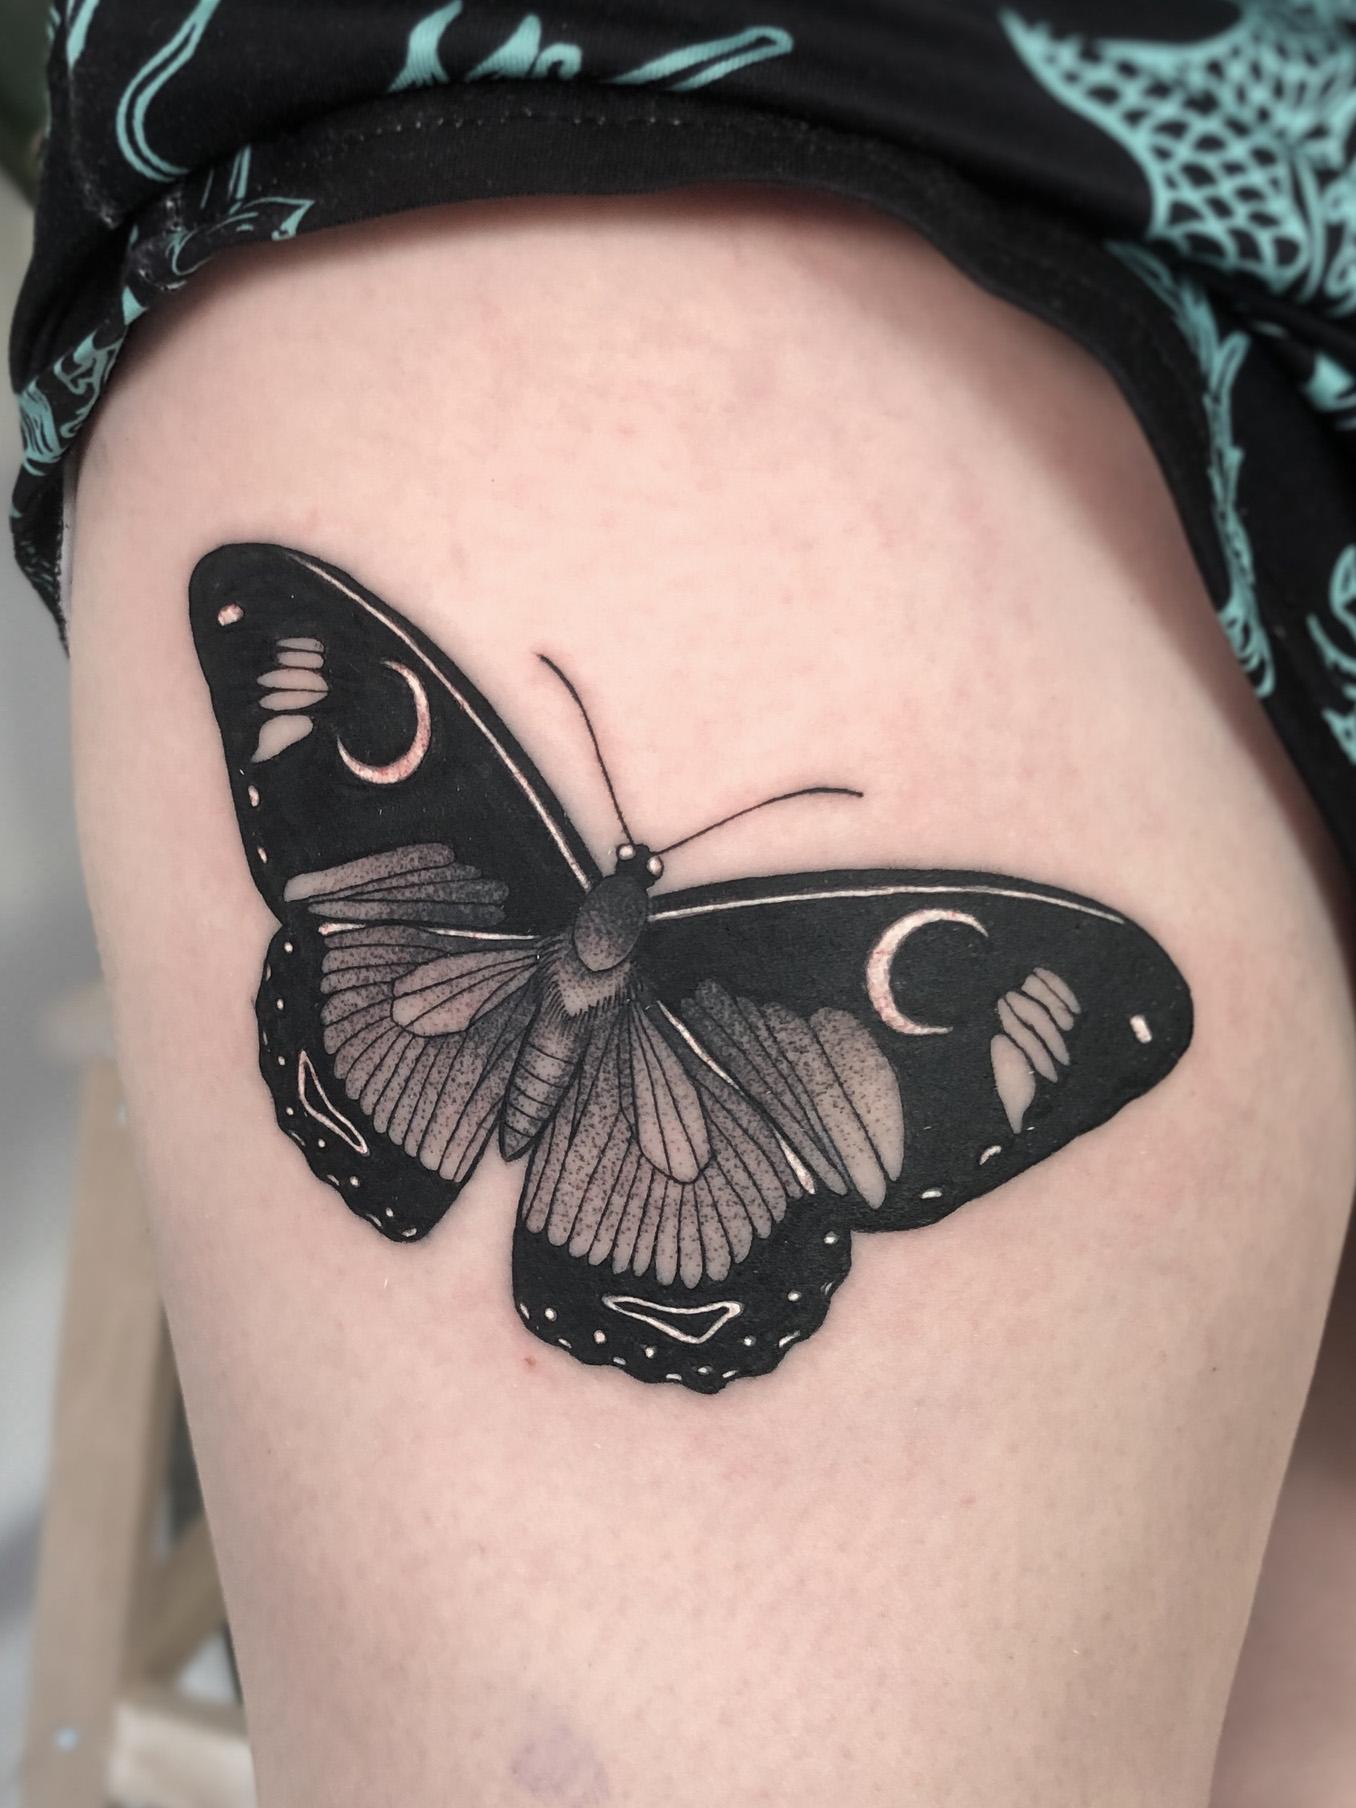 Inksearch tattoo arsen.tts